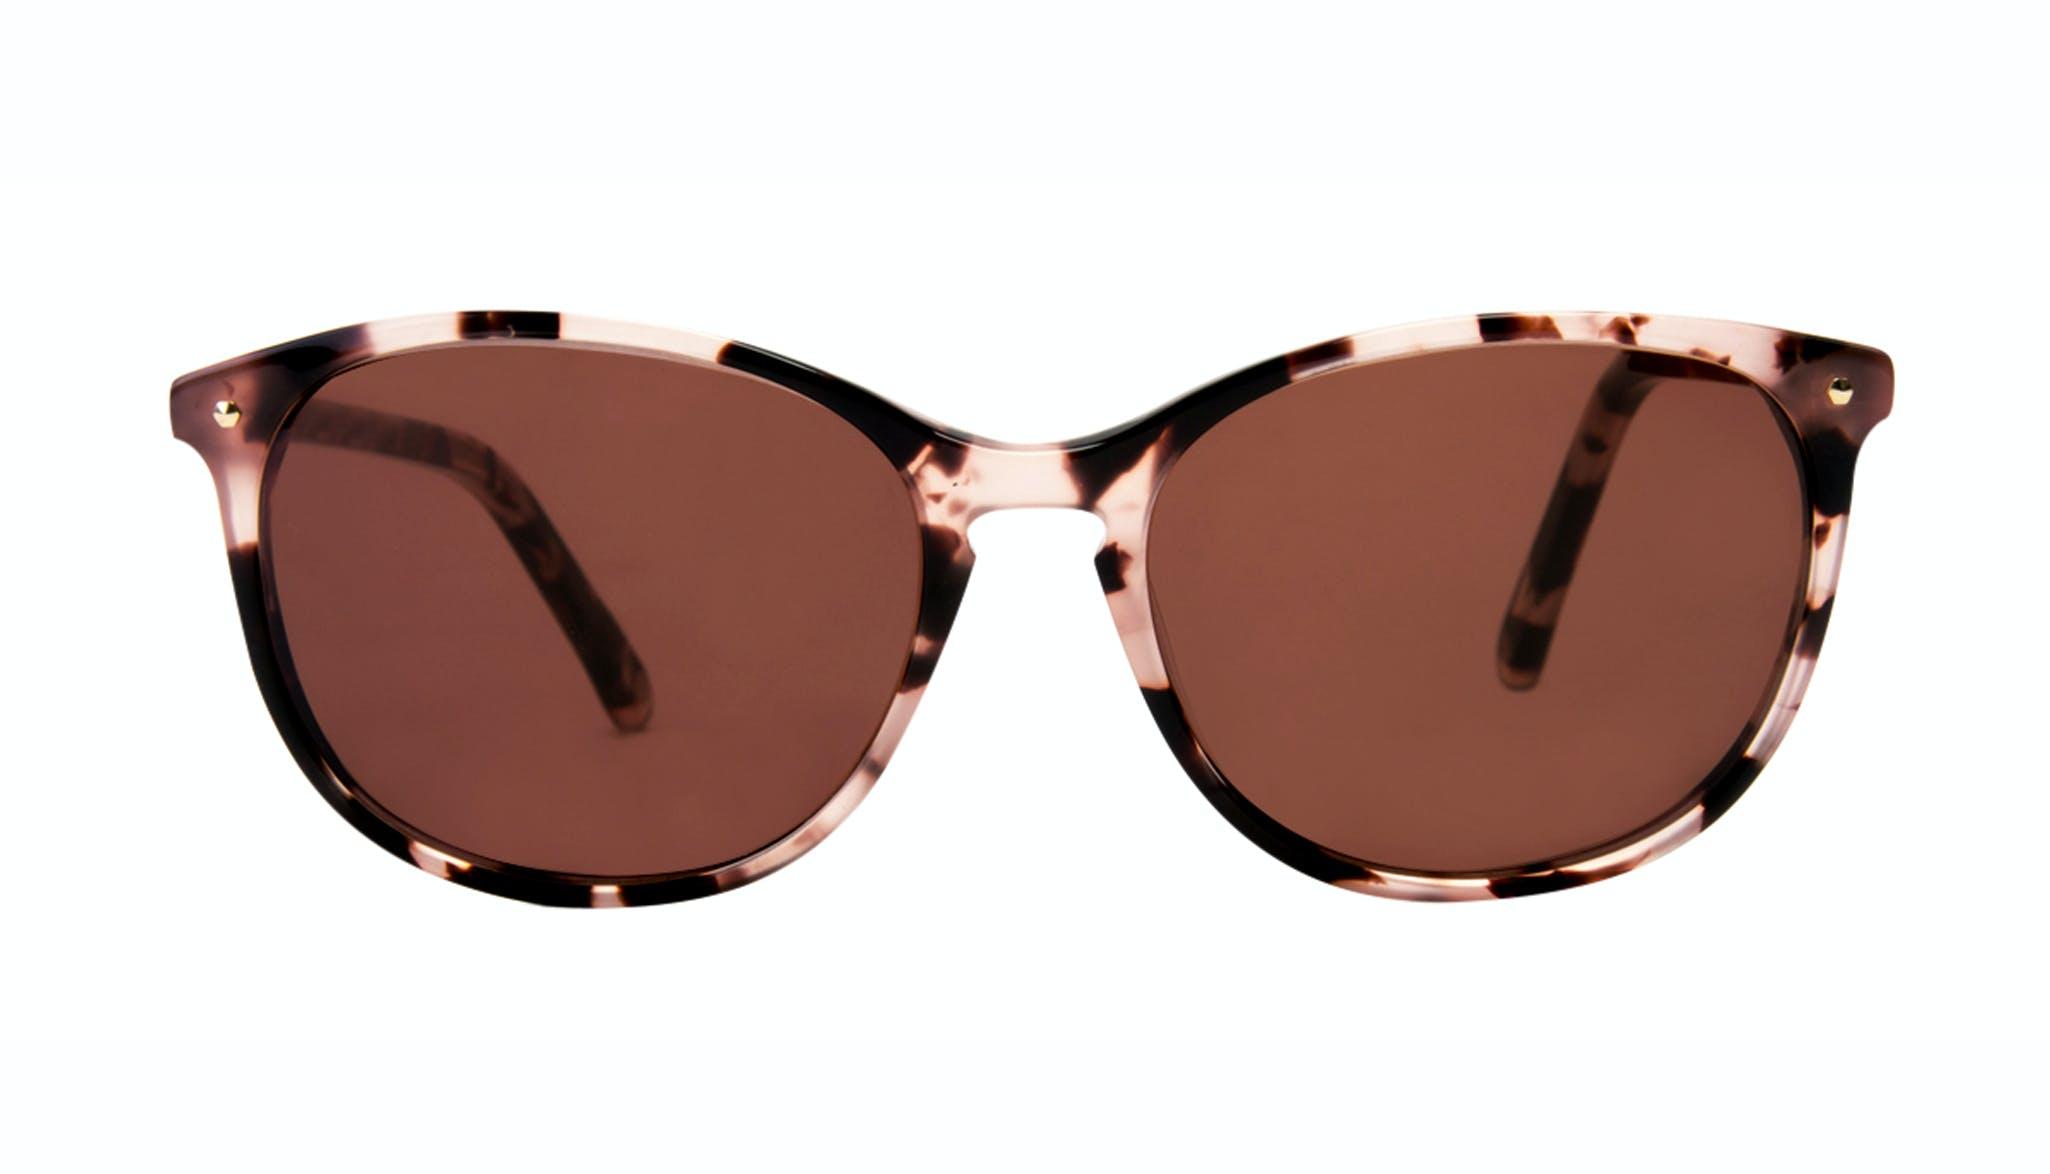 Lunettes tendance Rectangle Carrée Ronde Lunettes de soleil Femmes Nadine Pink Tortoise